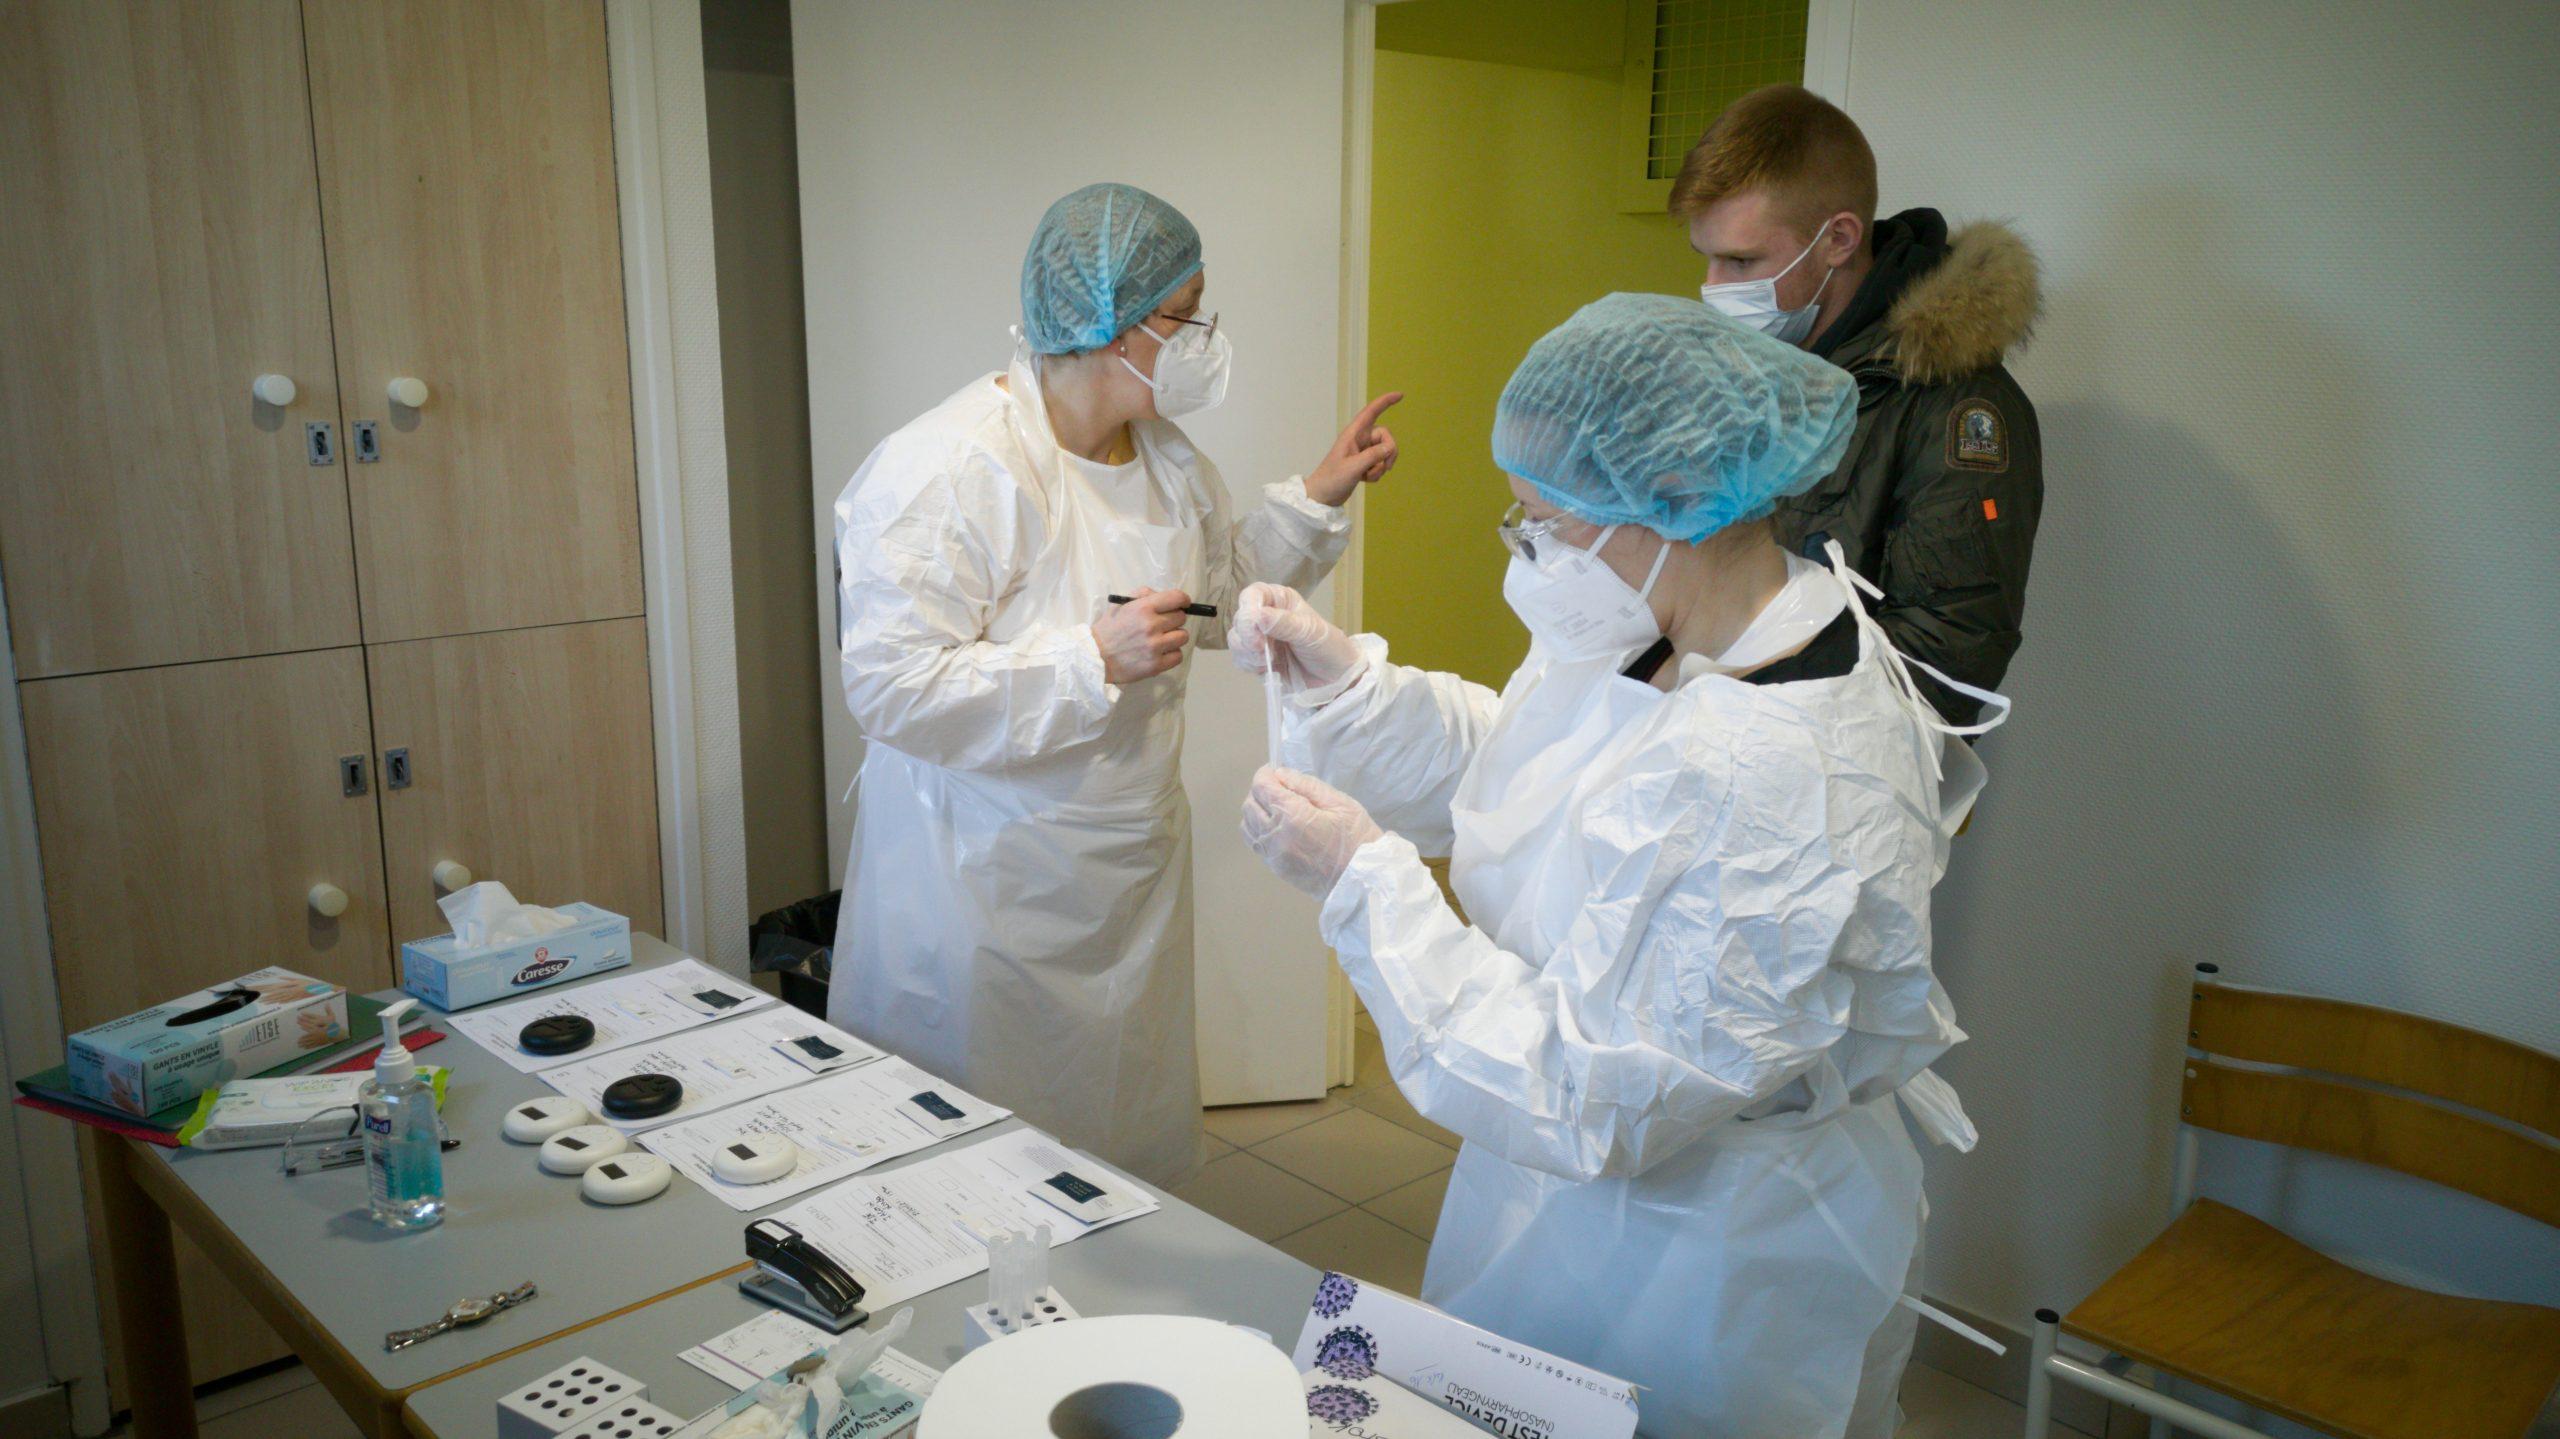 Saint-Pol : vaste opération de dépistage au lycée Châtelet, aucun cas de Covid-19 détecté